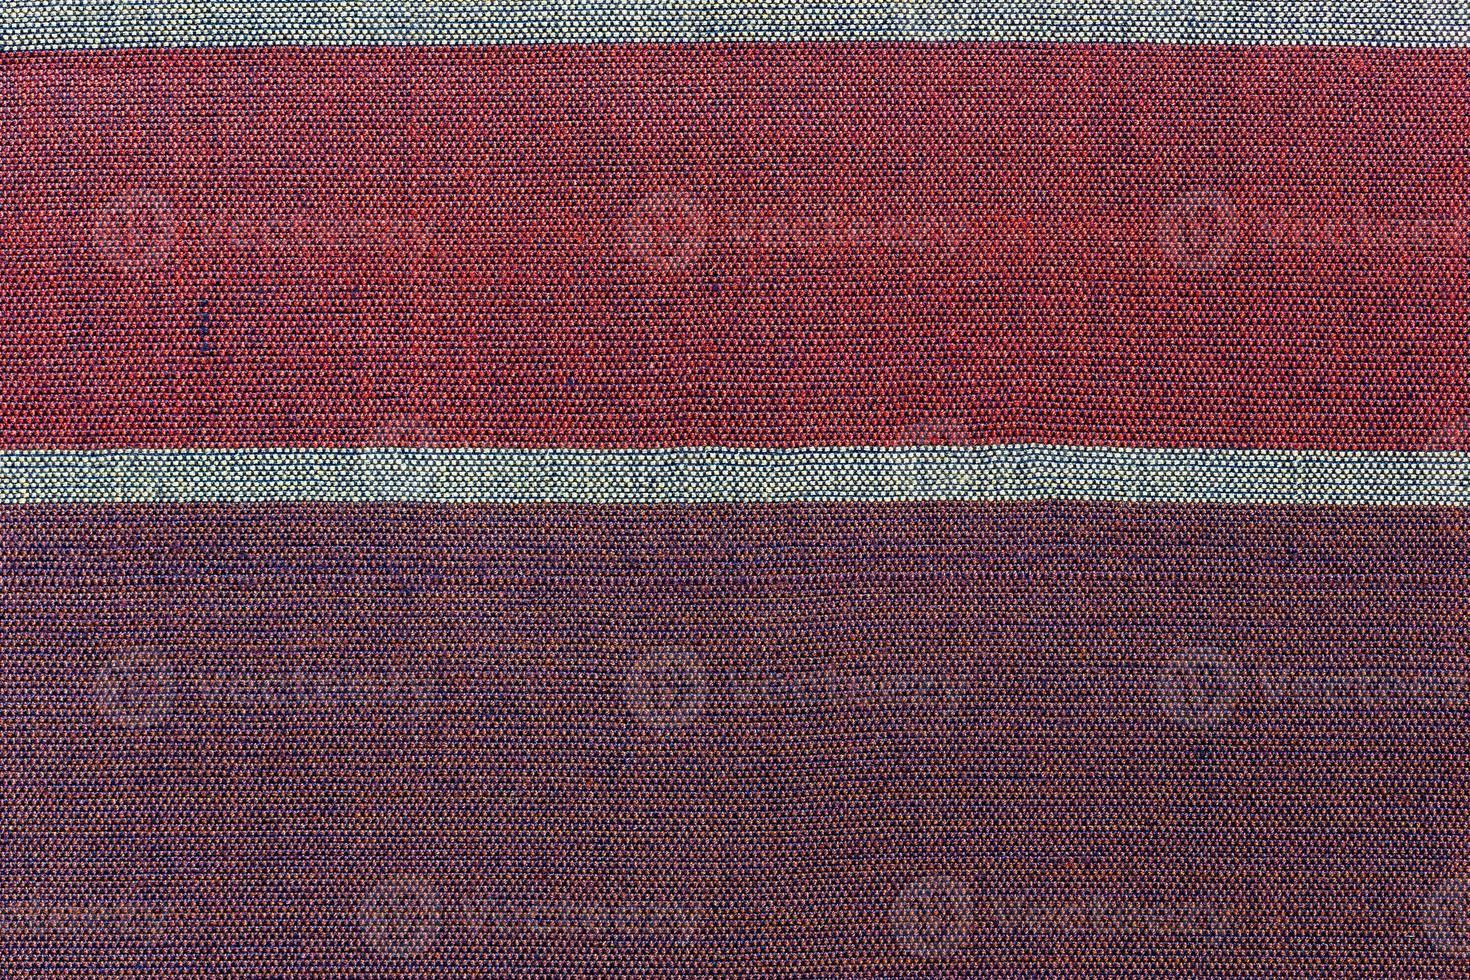 motif de tissu de soie thaï photo